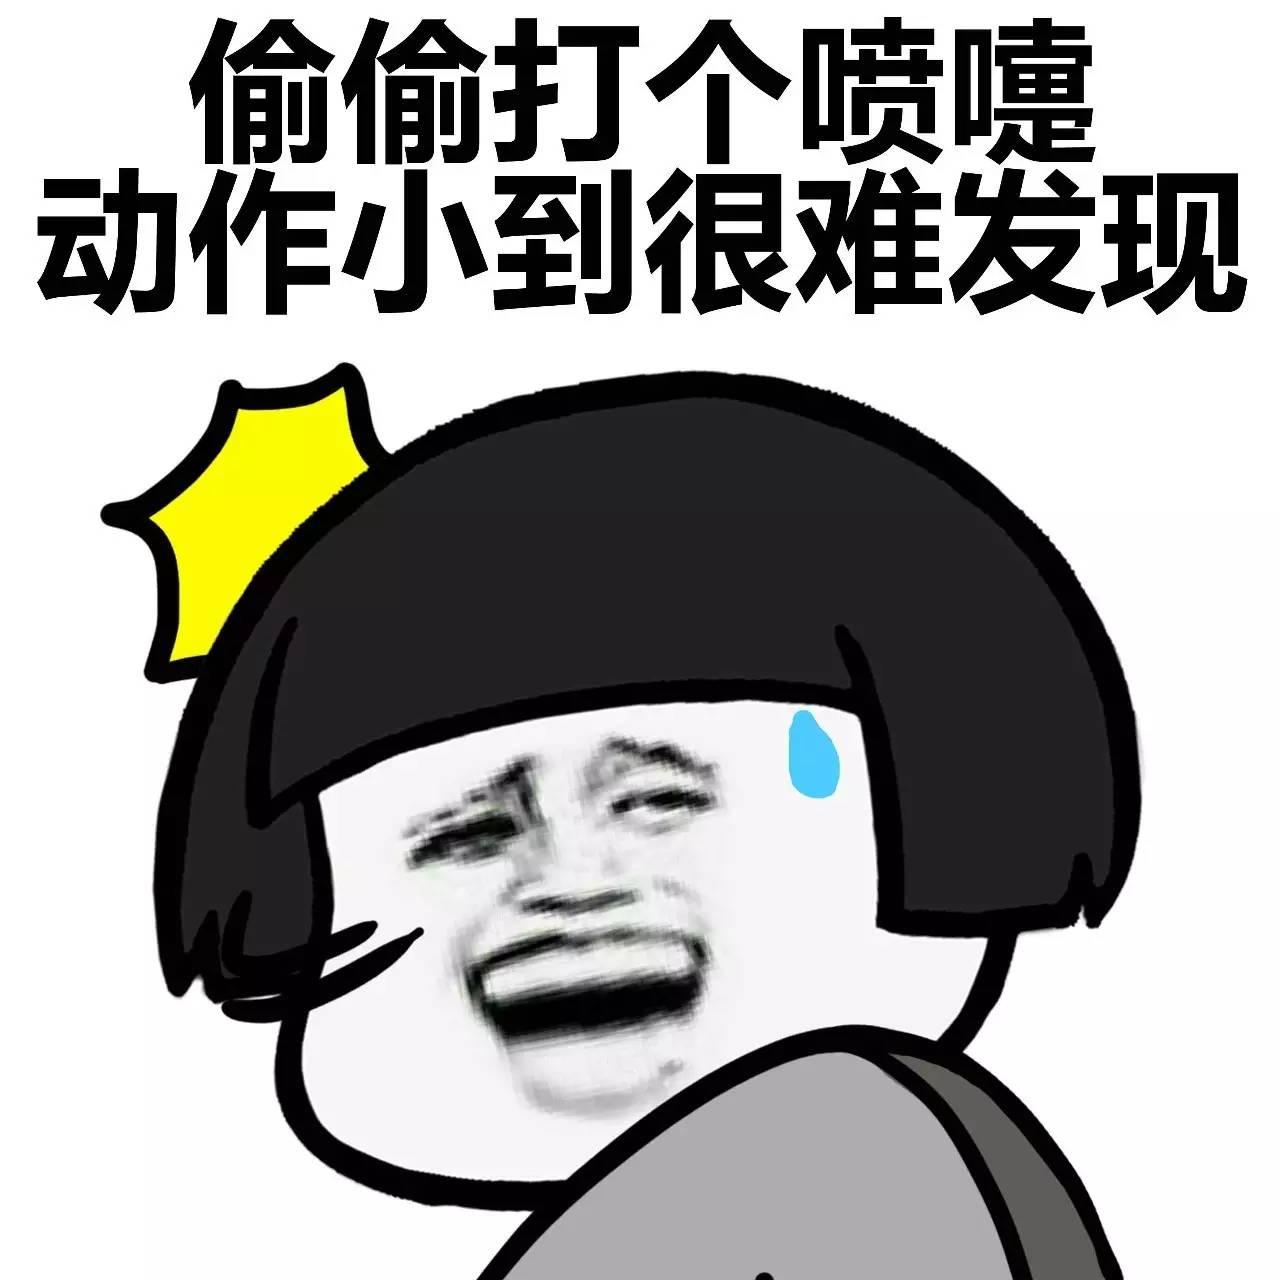 悲伤表情包_斗图表情包无水印_QQ微信表情包大全-大船团